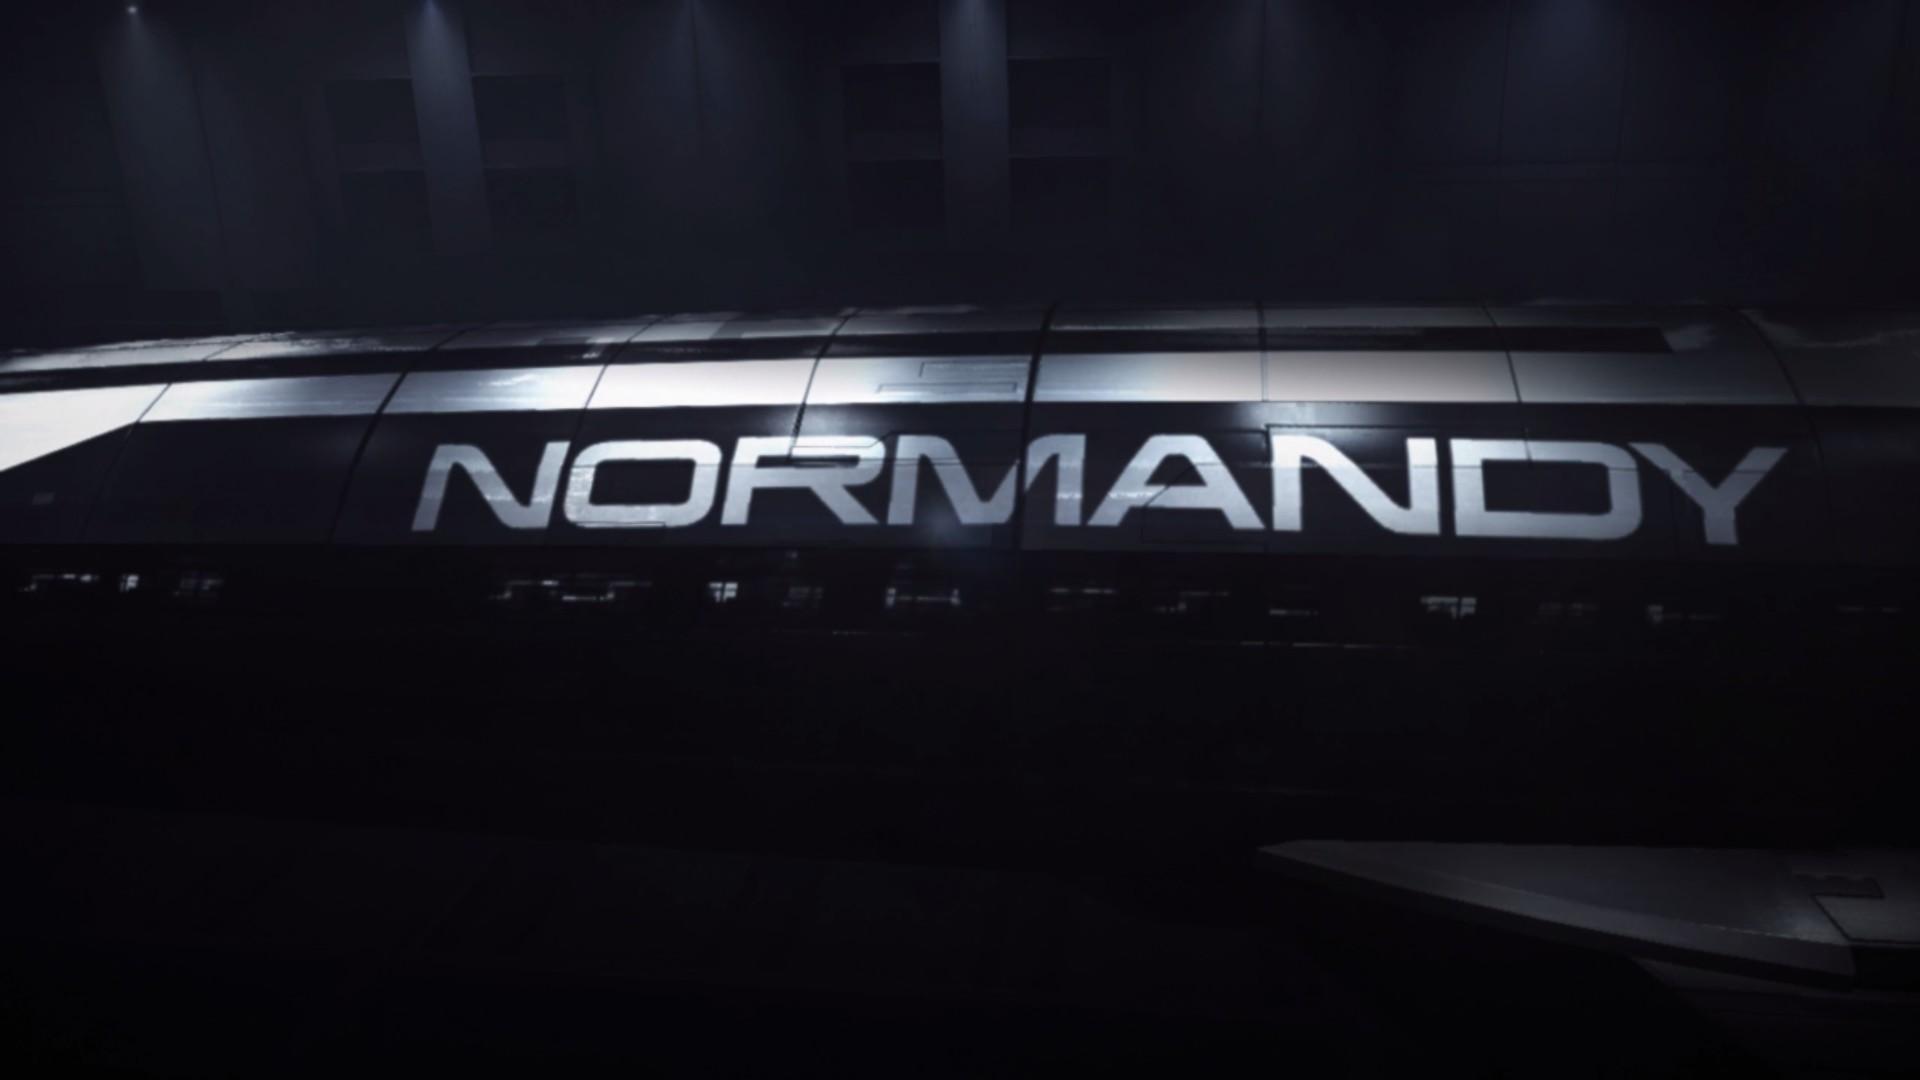 20180511132448_1.jpg - Mass Effect 2